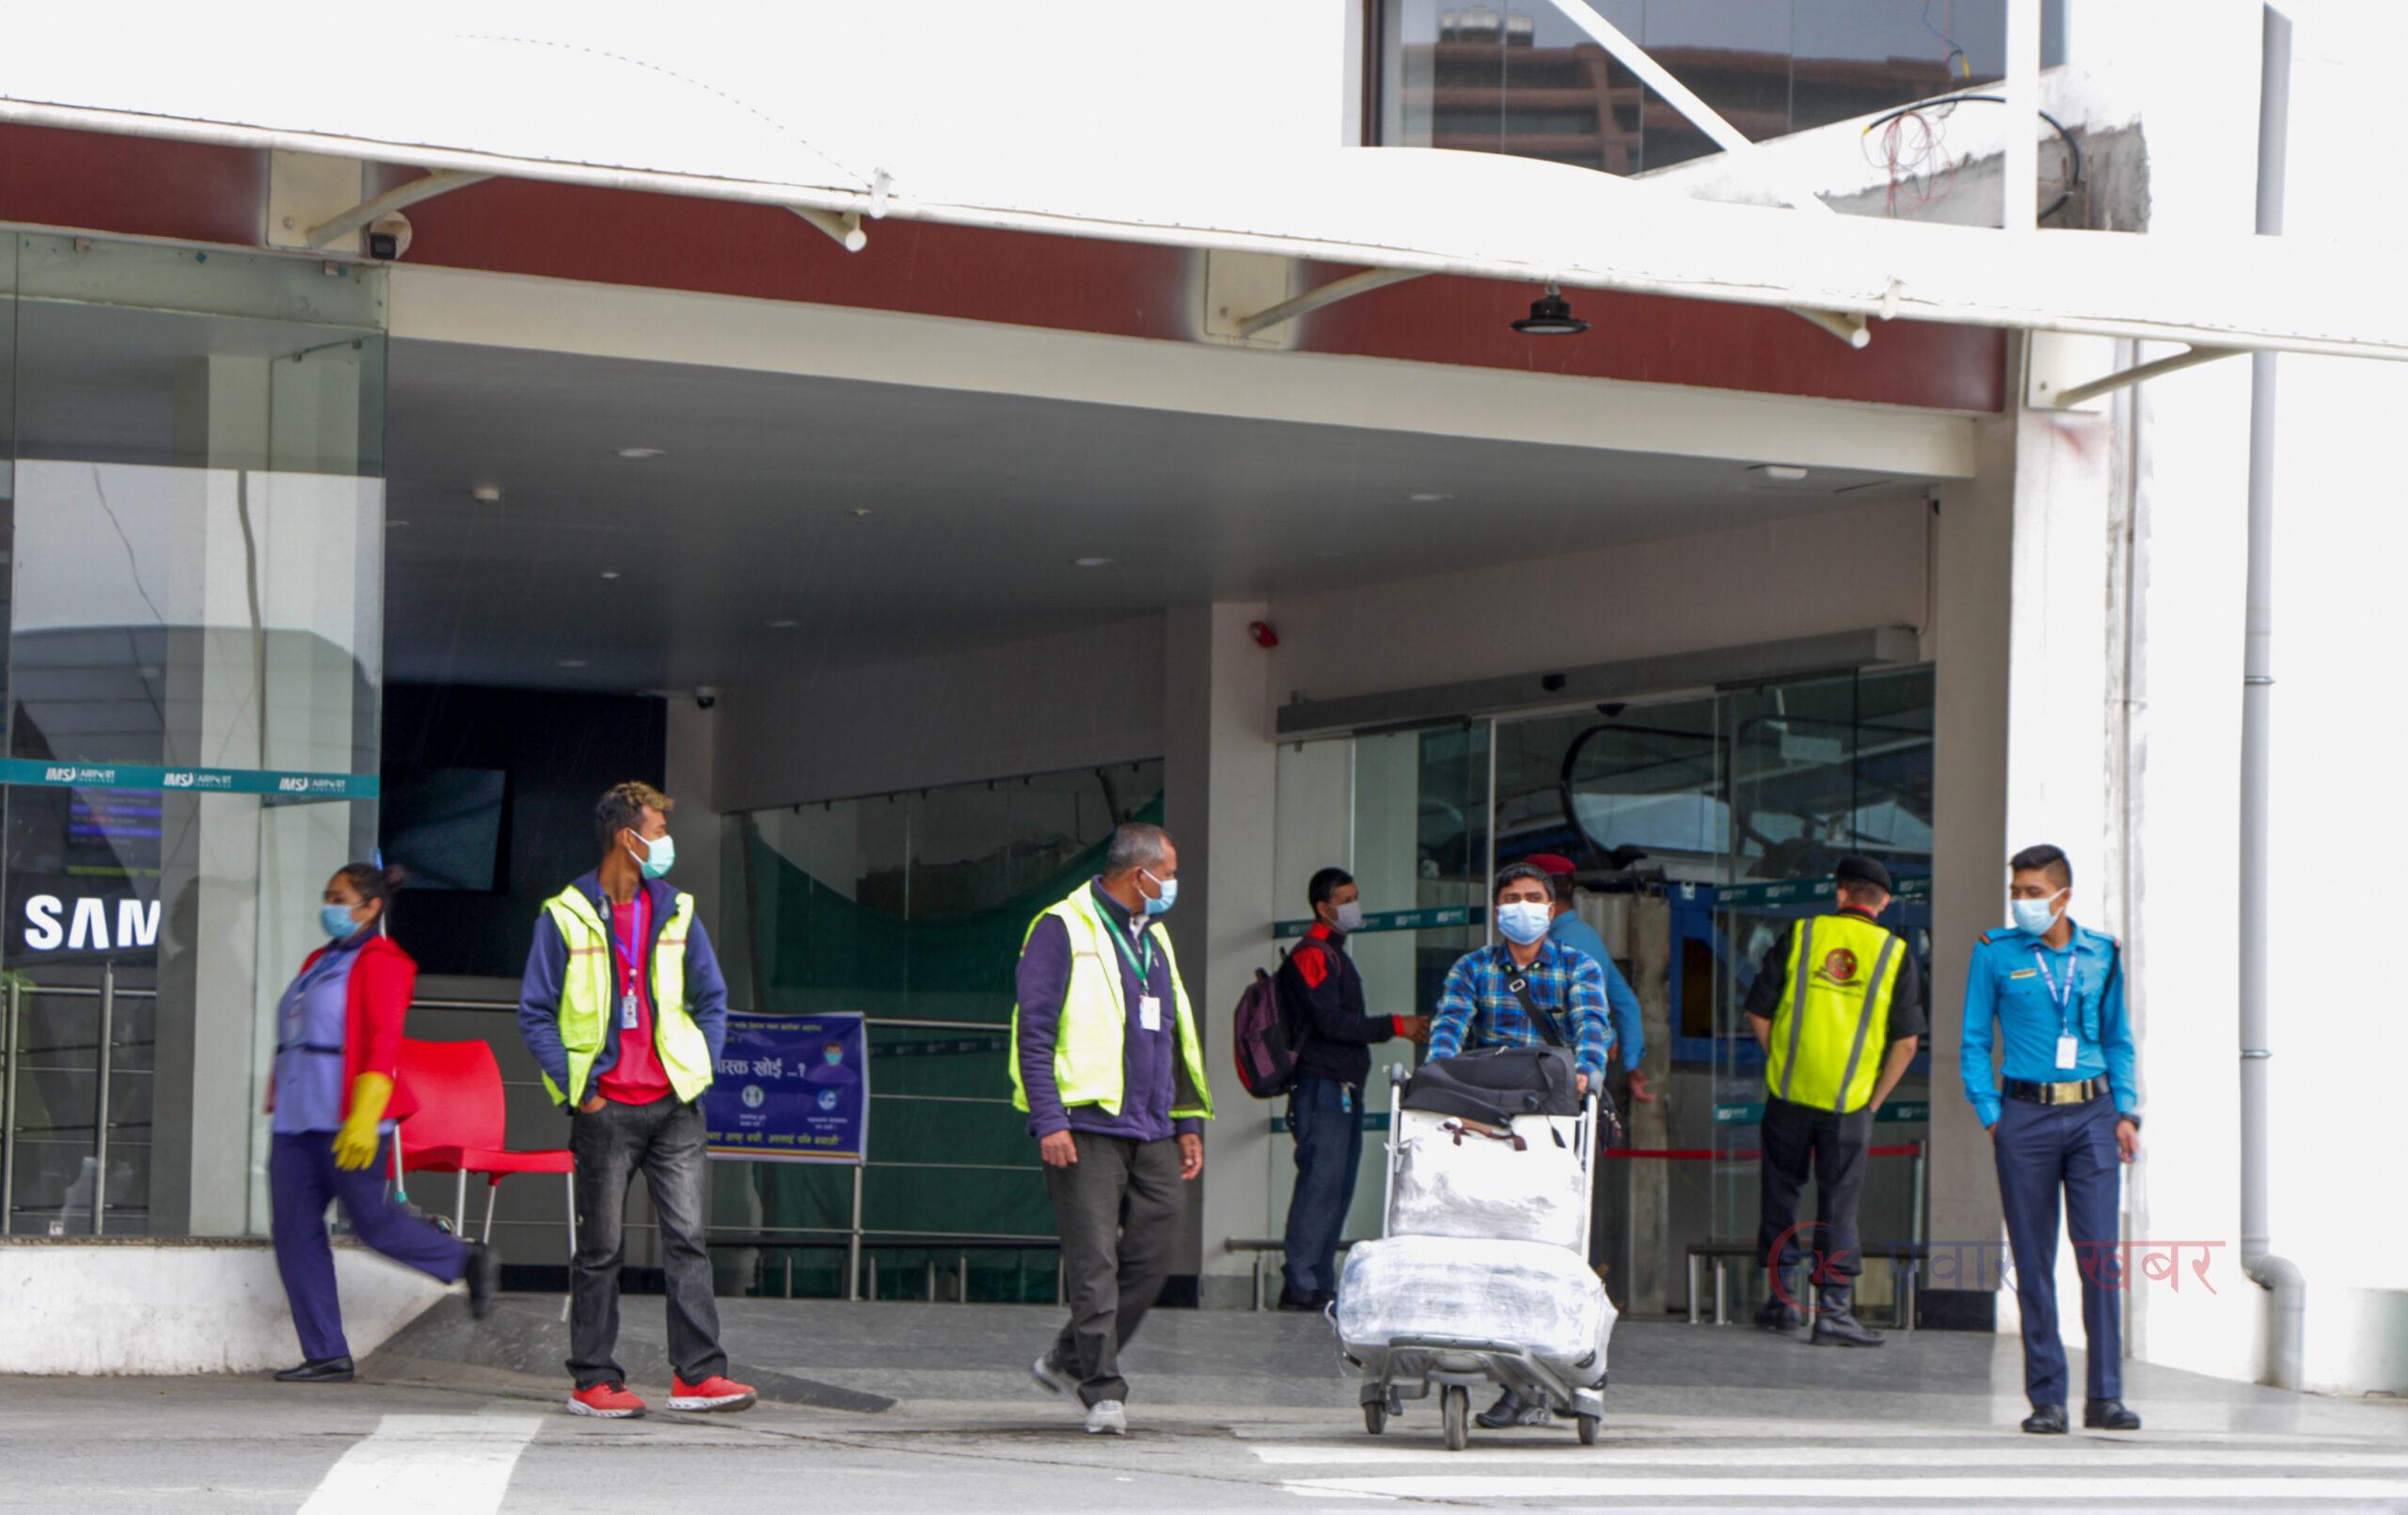 काठमाडौं–साउदी उडानमा कमिसनको खेलः श्रमिकको ढाड सेकिदै, सरकार मौन